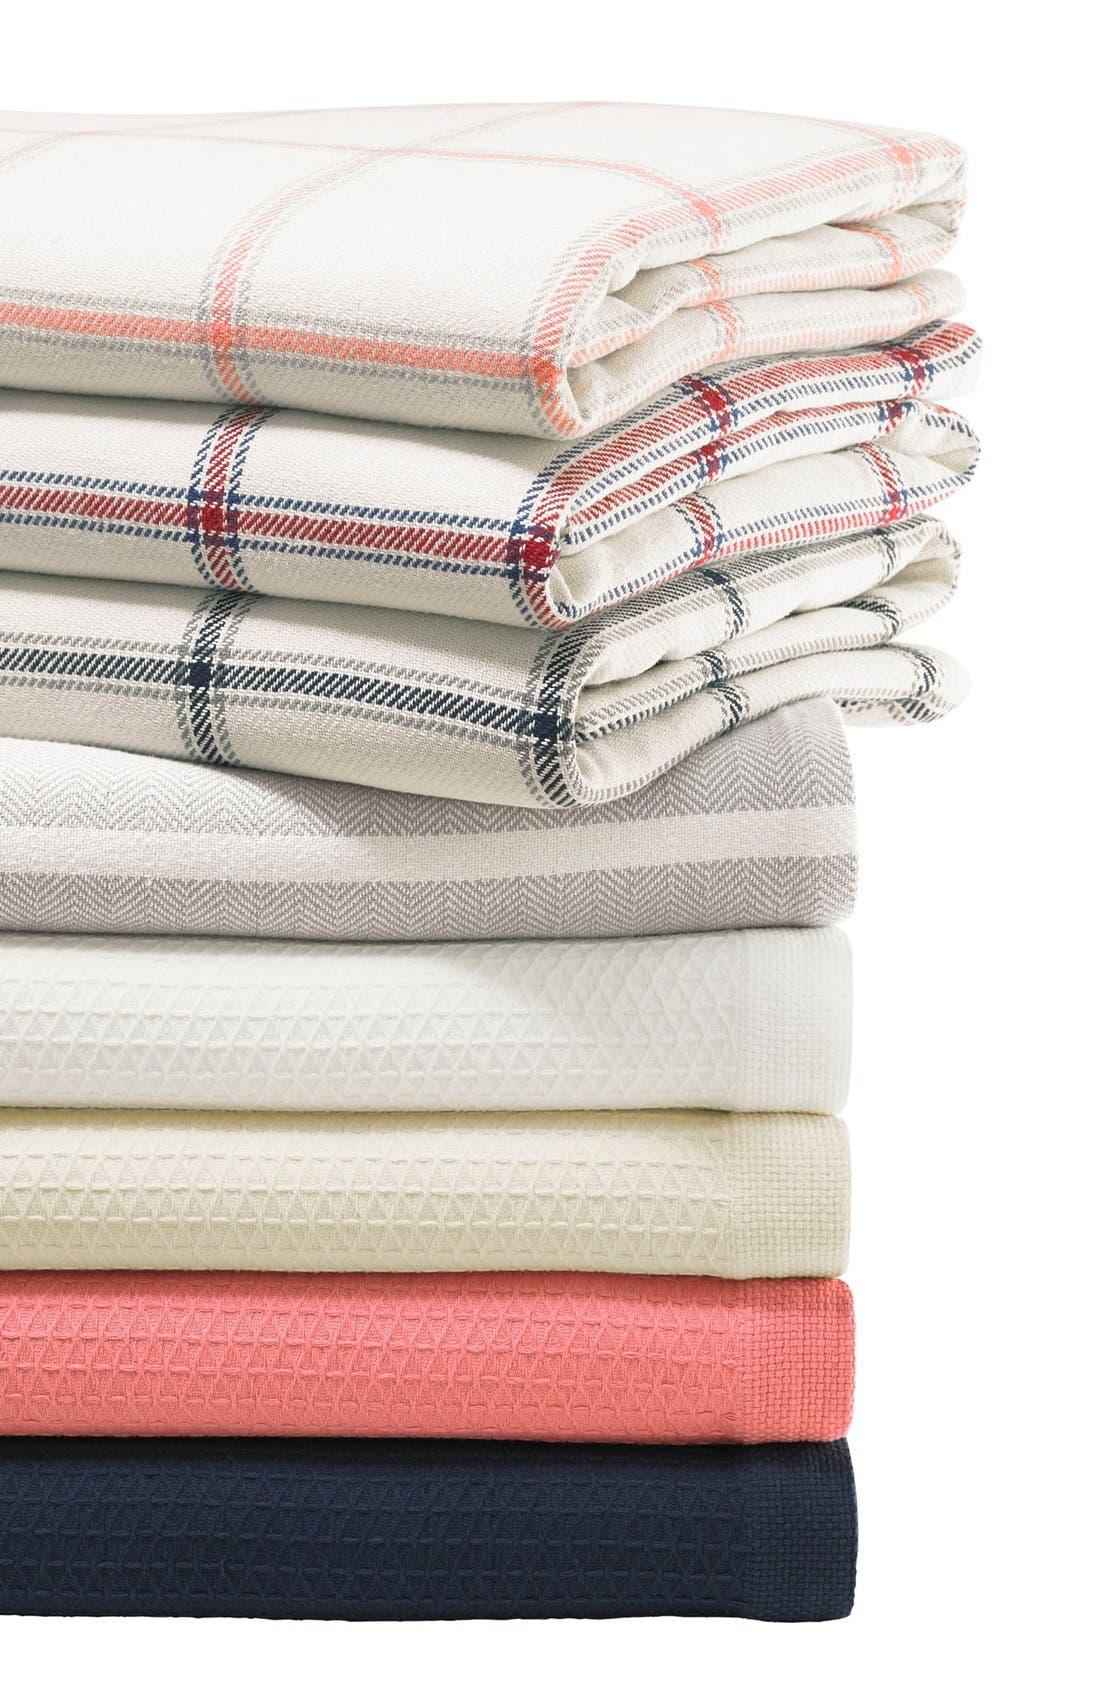 'Halstead' Windowpane Plaid Blanket,                             Alternate thumbnail 4, color,